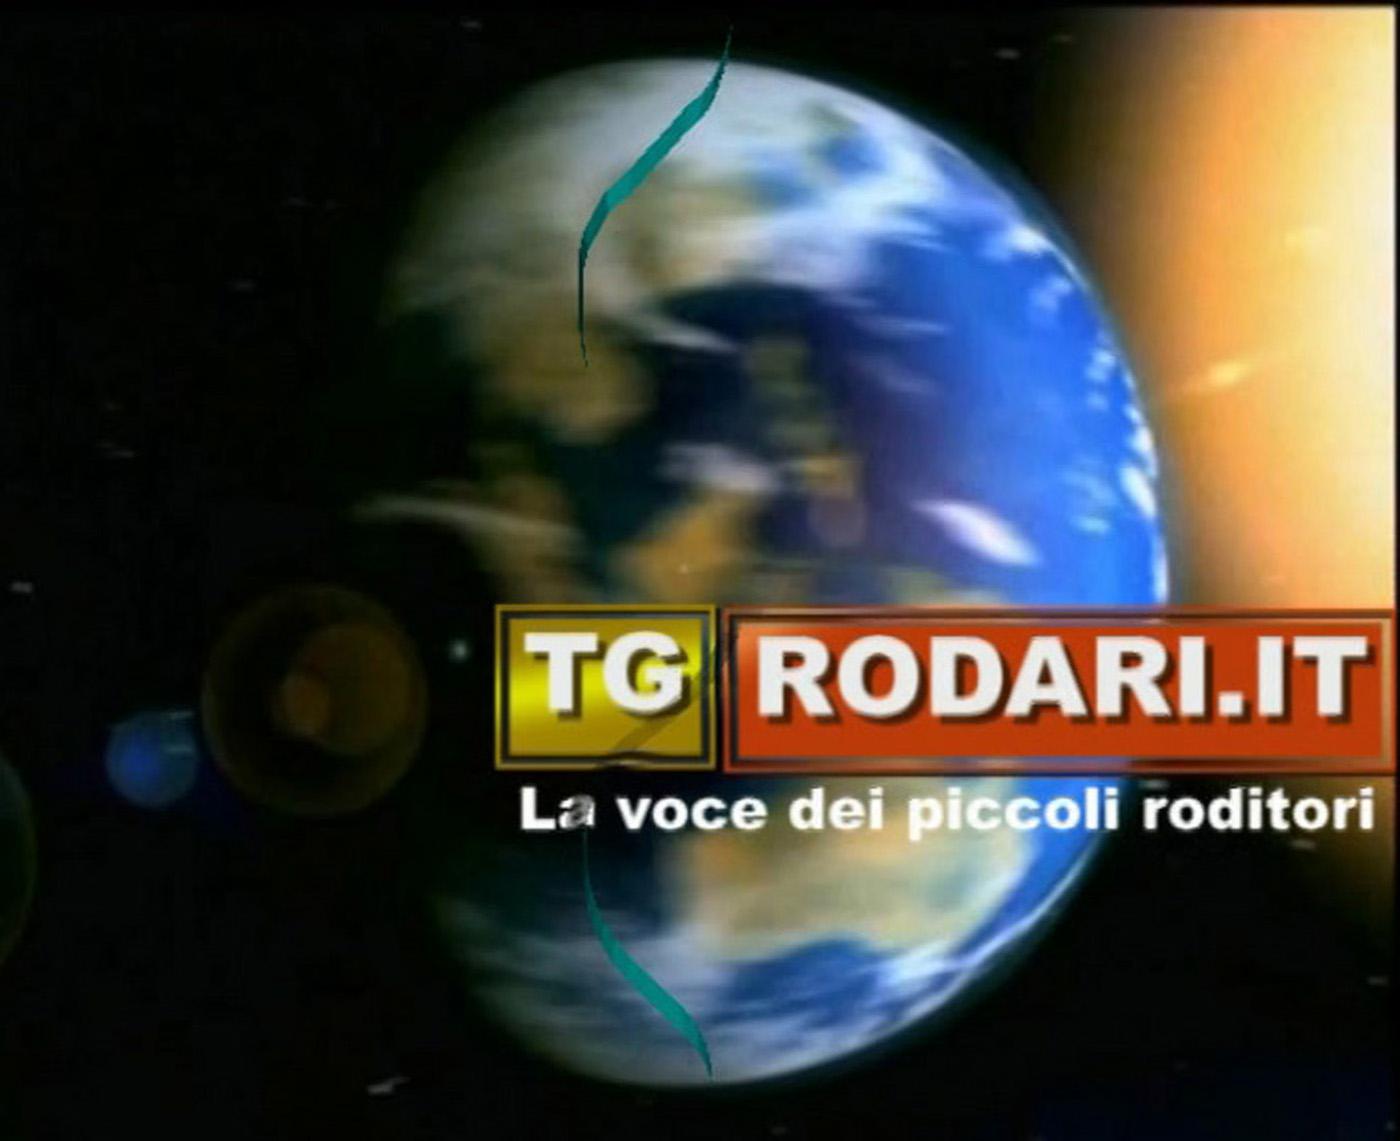 TG Rodari.it - la voce dei piccoli roditori